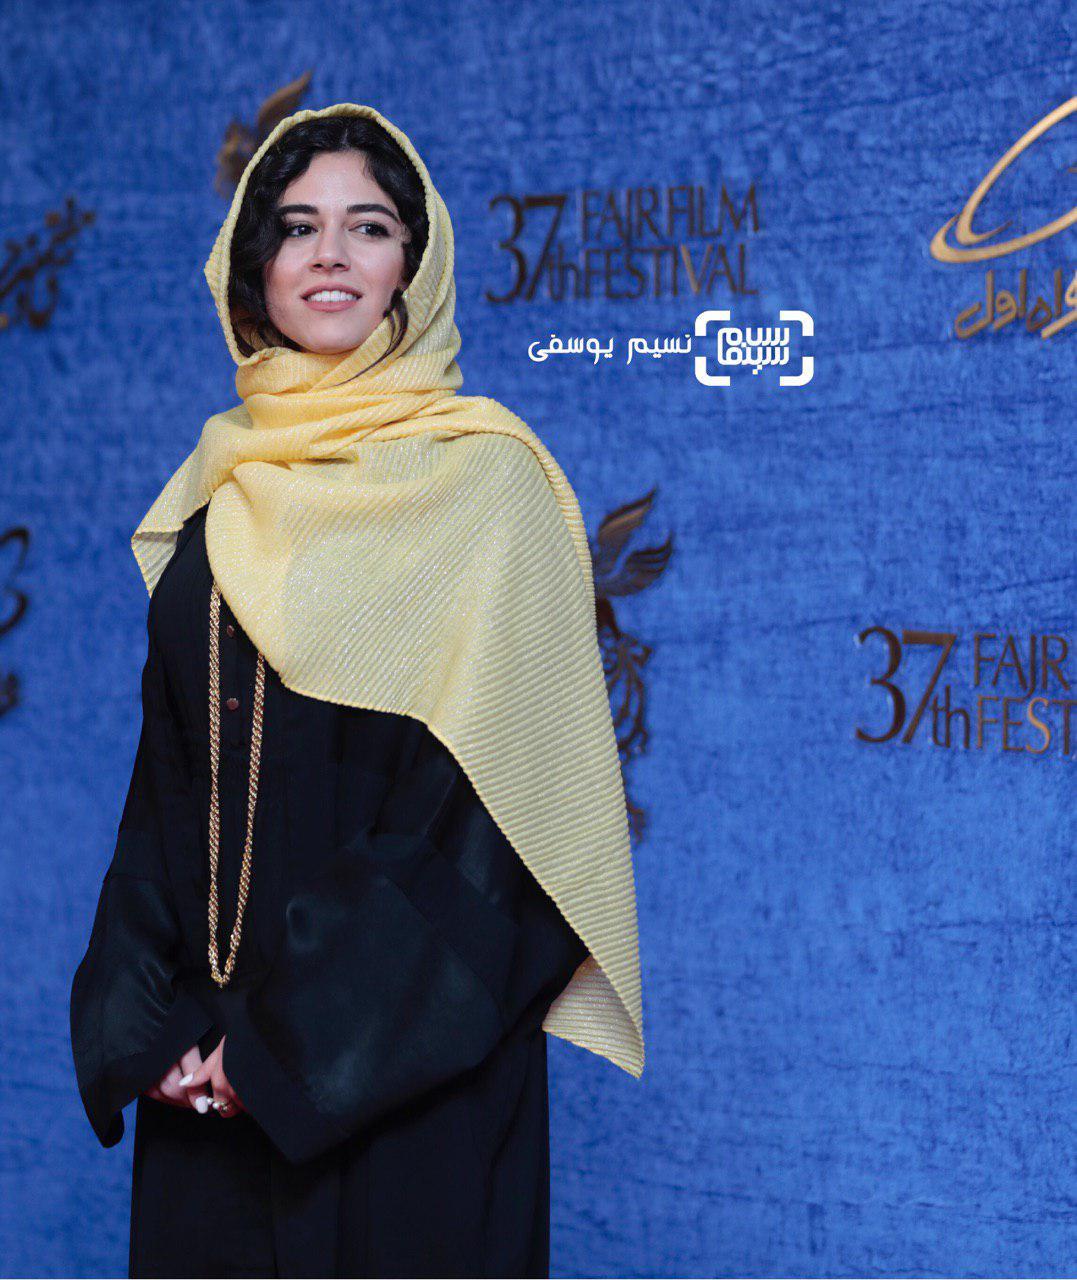 ماهور الوند گزارش تصویری اکران و نشست فیلم «غلامرضا تختی»/جشنواره فجر 37